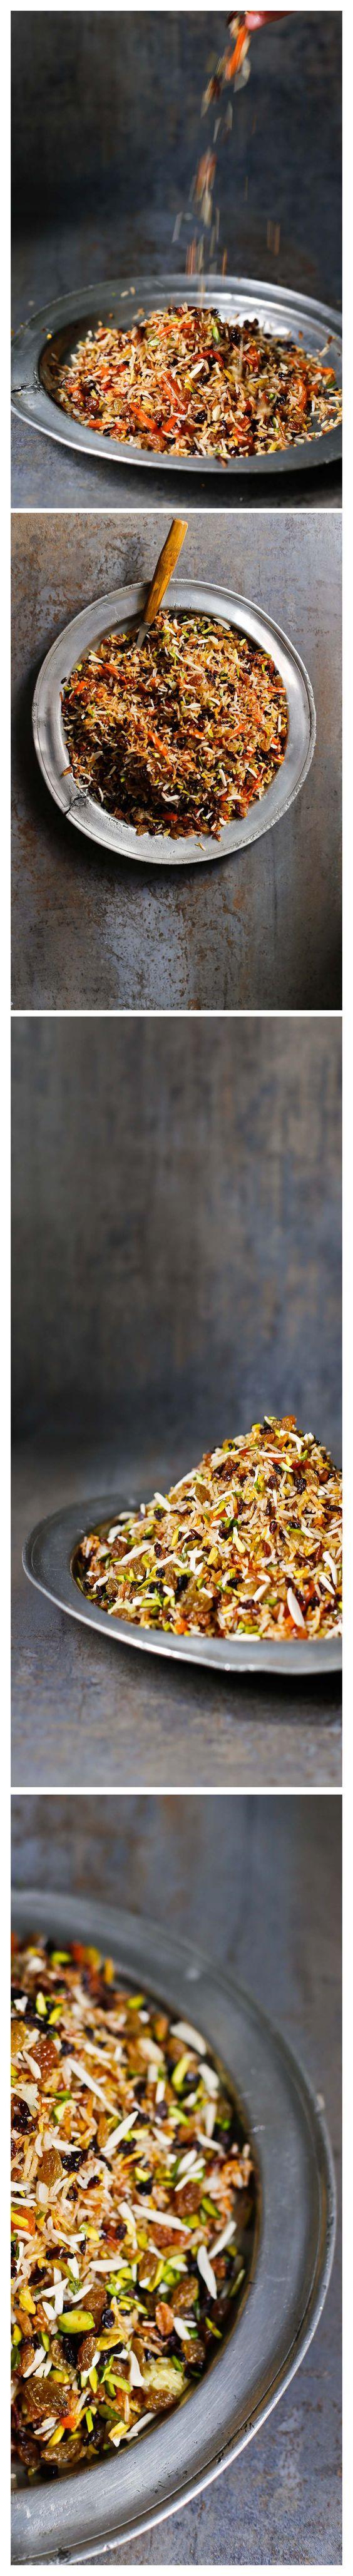 Como todo inicio de mes, hoy toca publicar receta en Rústica con Botas. Para este mes los ingredientes principales eran: arroz, cebolla, yogur y uno o dos ingredientes secretos. Yo he usado chalota…